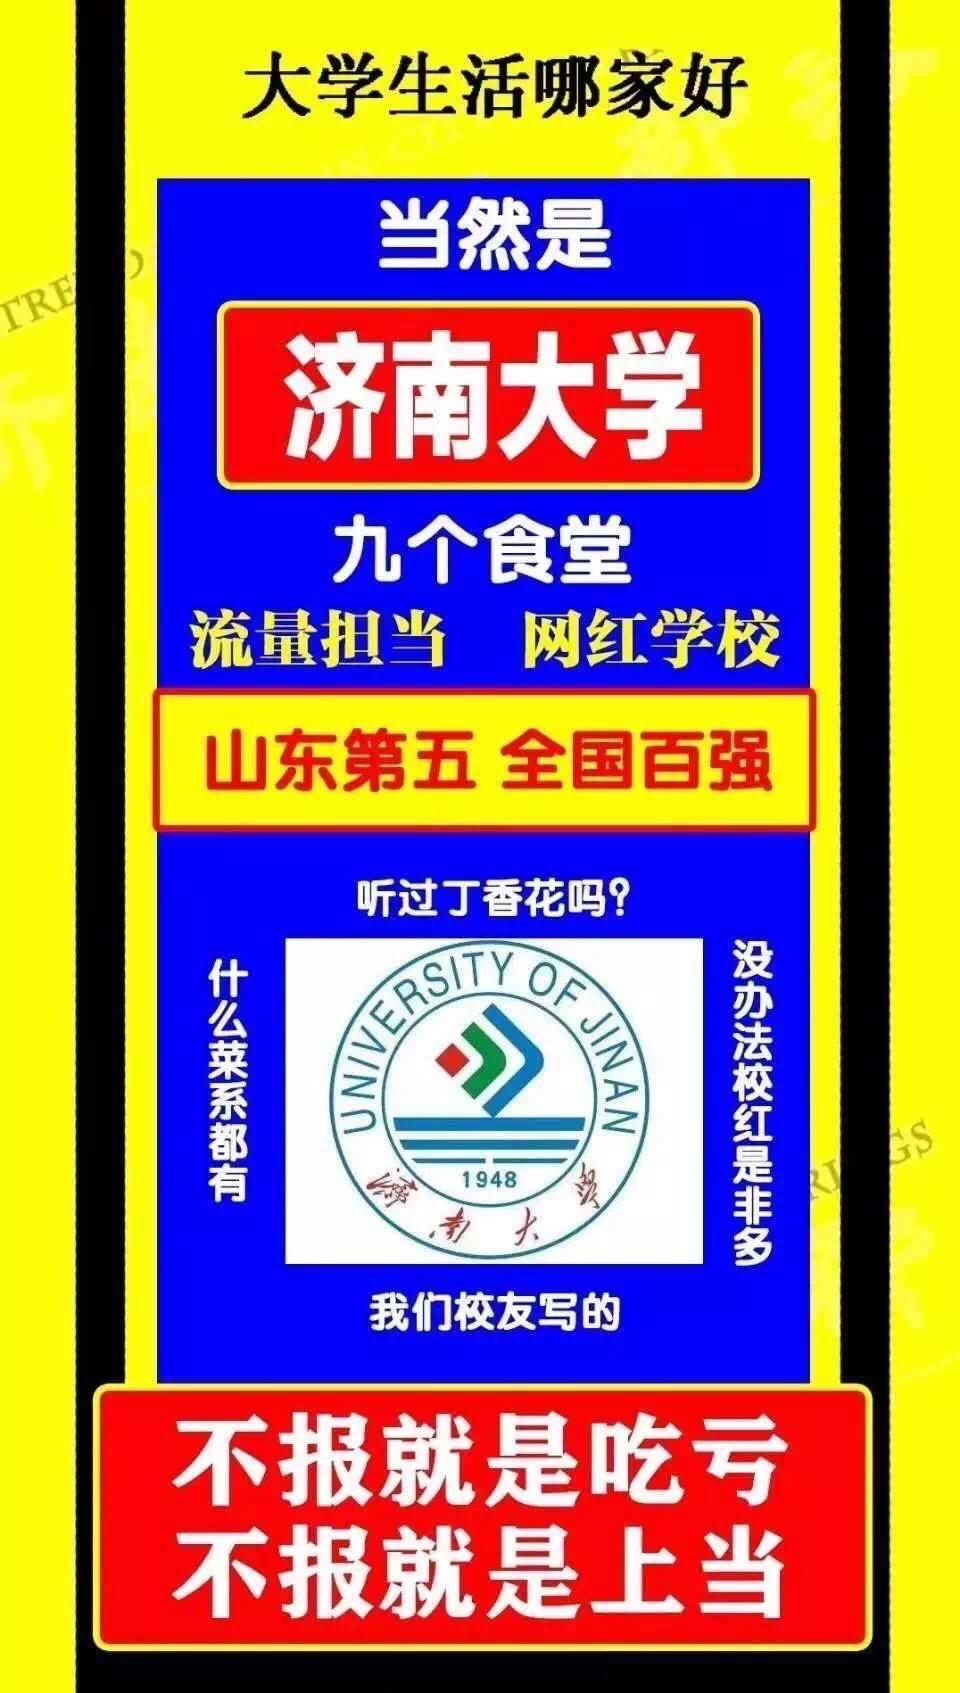 重庆交通大学招生_为了招生,各大高校都疯了 @广告门